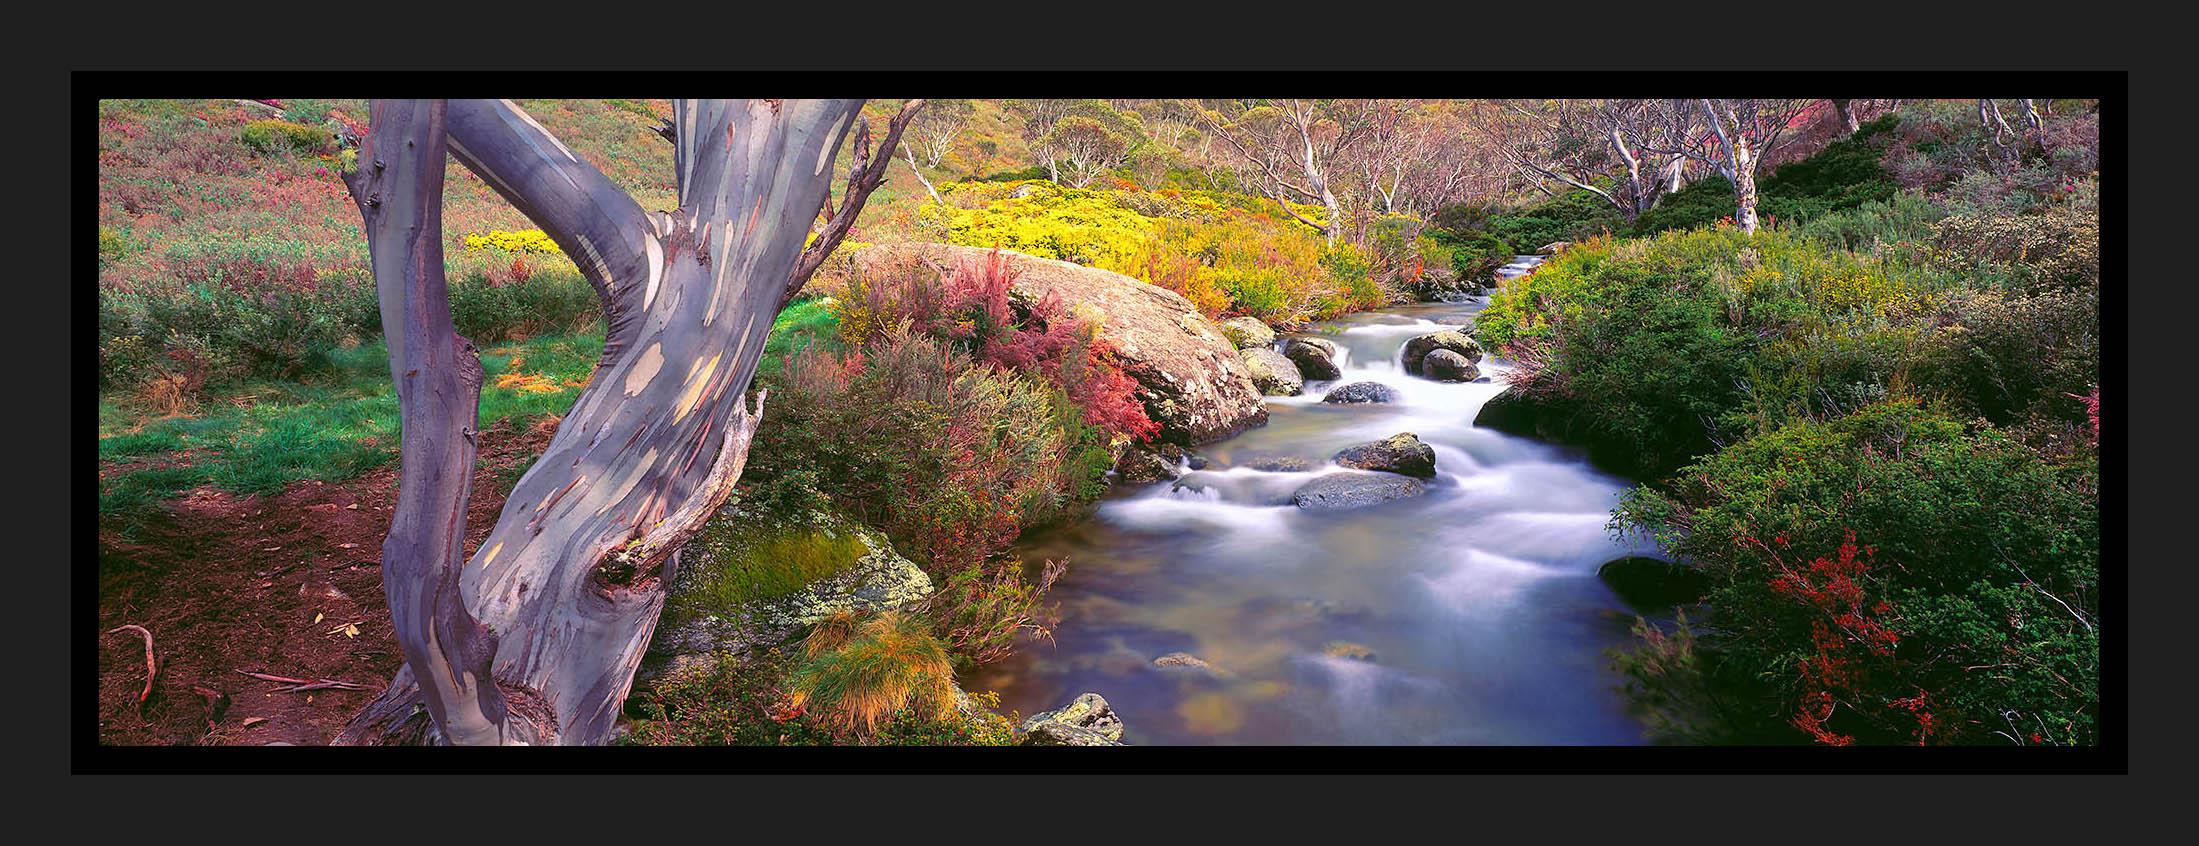 Kosciusko Springs